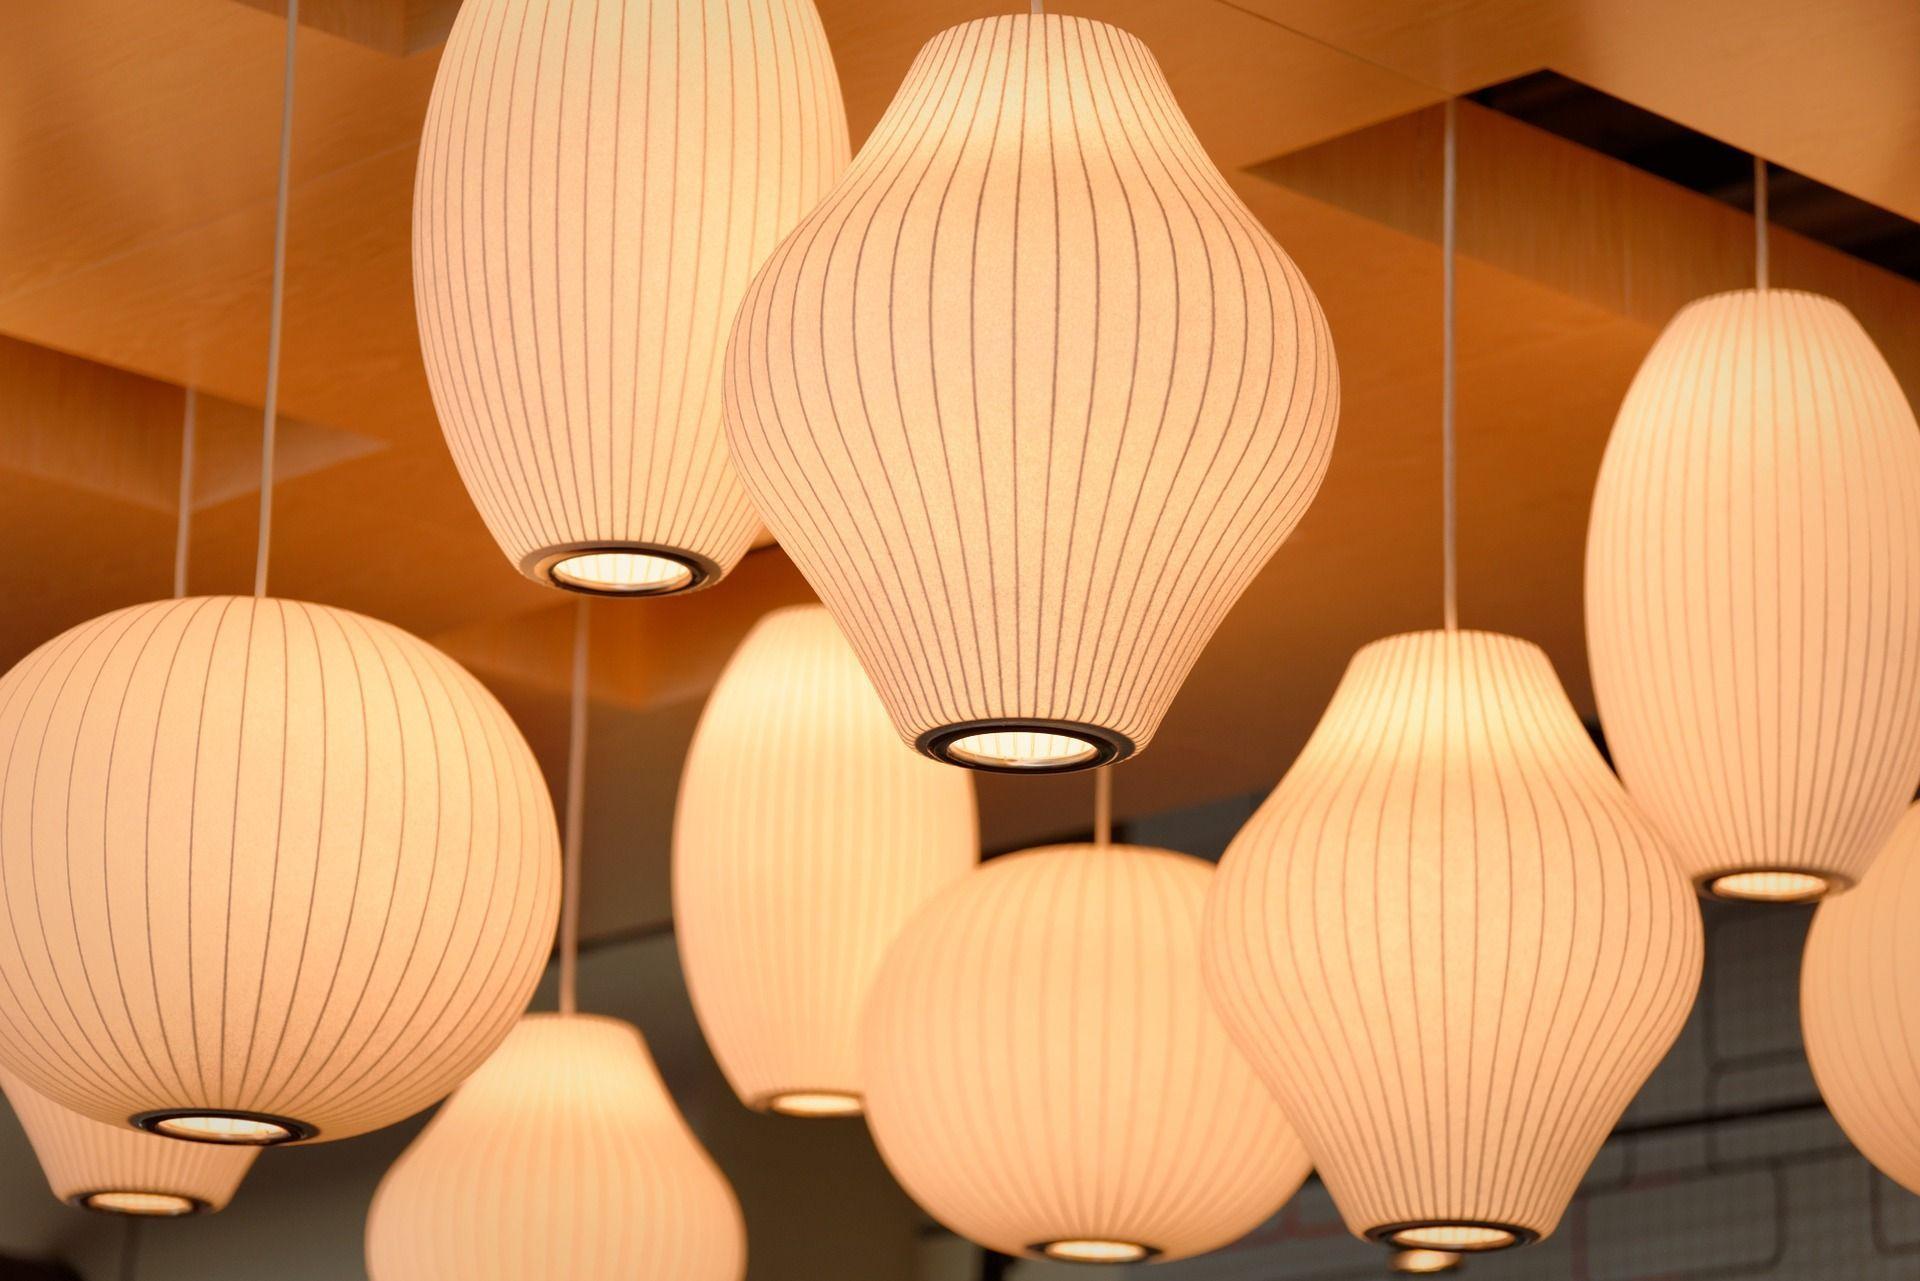 Come illuminare la casa al meglio